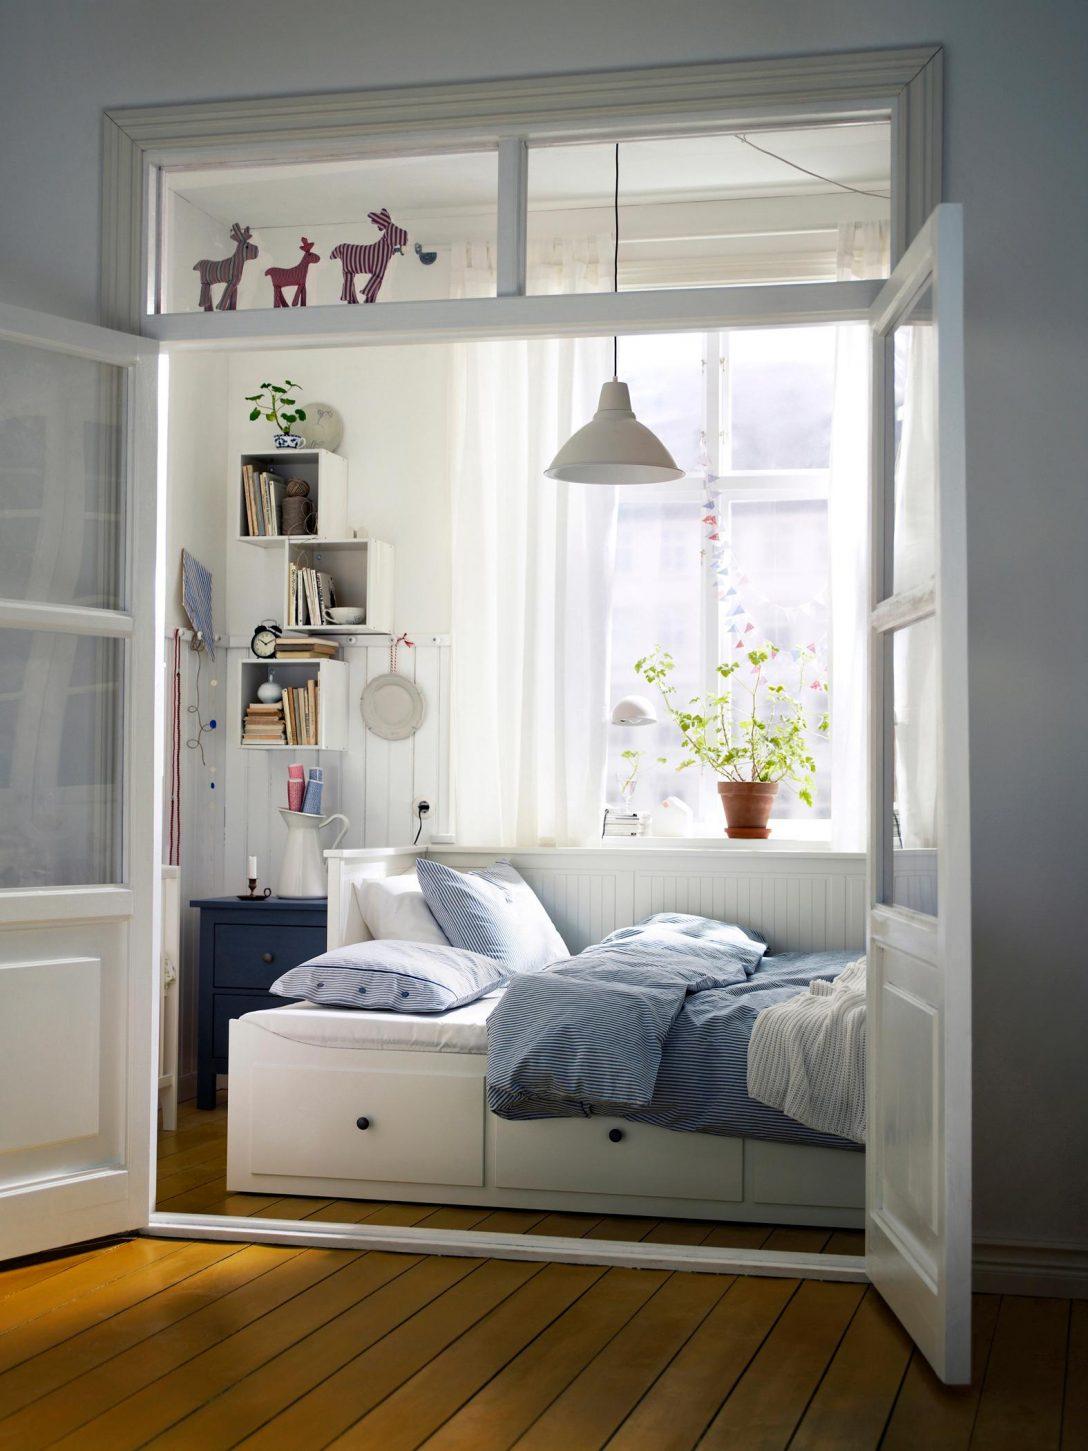 Large Size of Gste Unterbringen Mit Klassischem Charme Bett Gs Ikea Miniküche Wohnzimmer Gardinen Küche Modulküche Sofa Schlaffunktion Schlafzimmer Fenster Wohnzimmer Gardinen Ikea